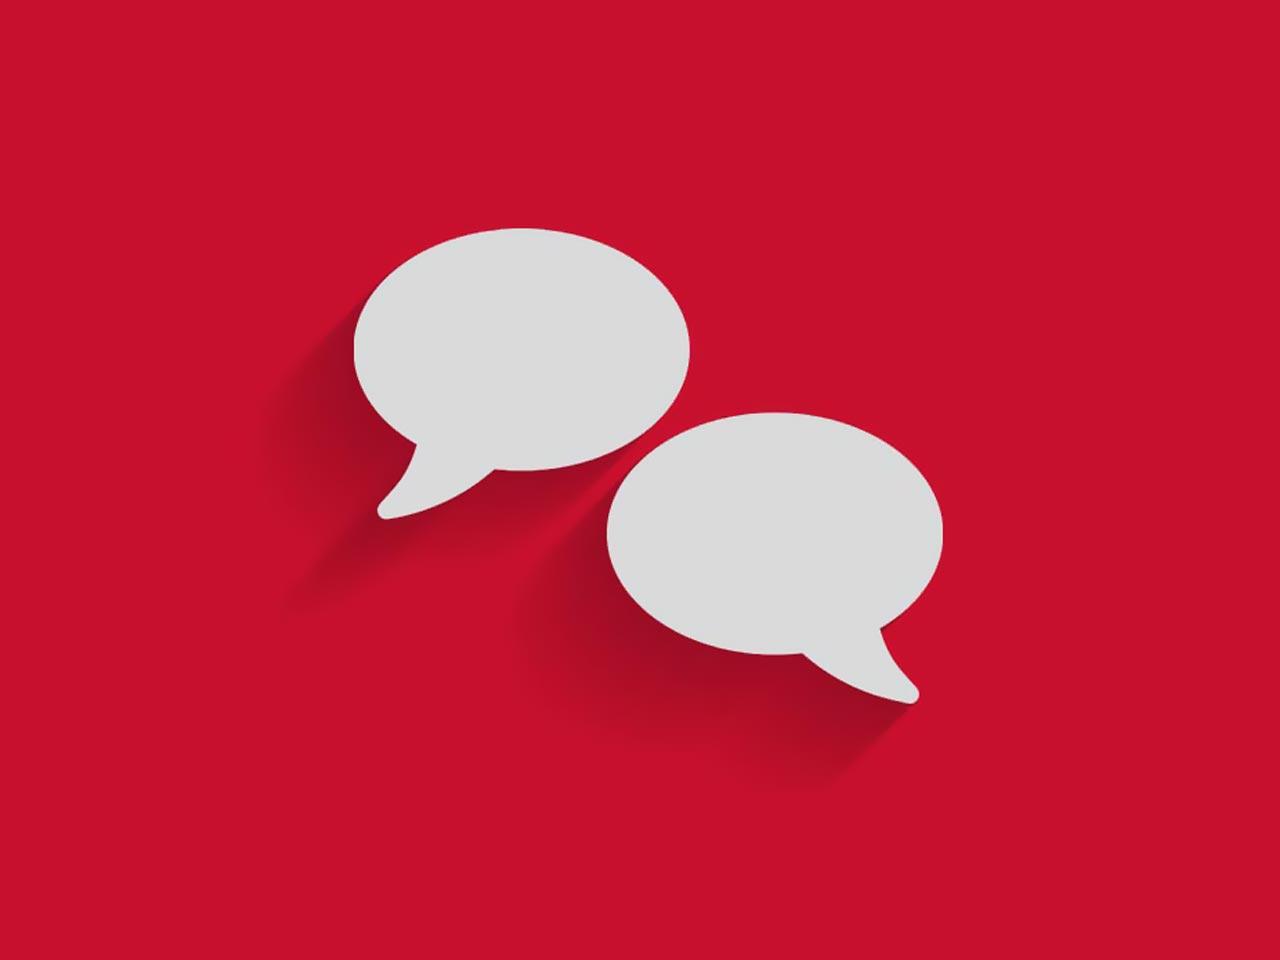 Leser fragen – Experten antworten: HU am Elektroauto